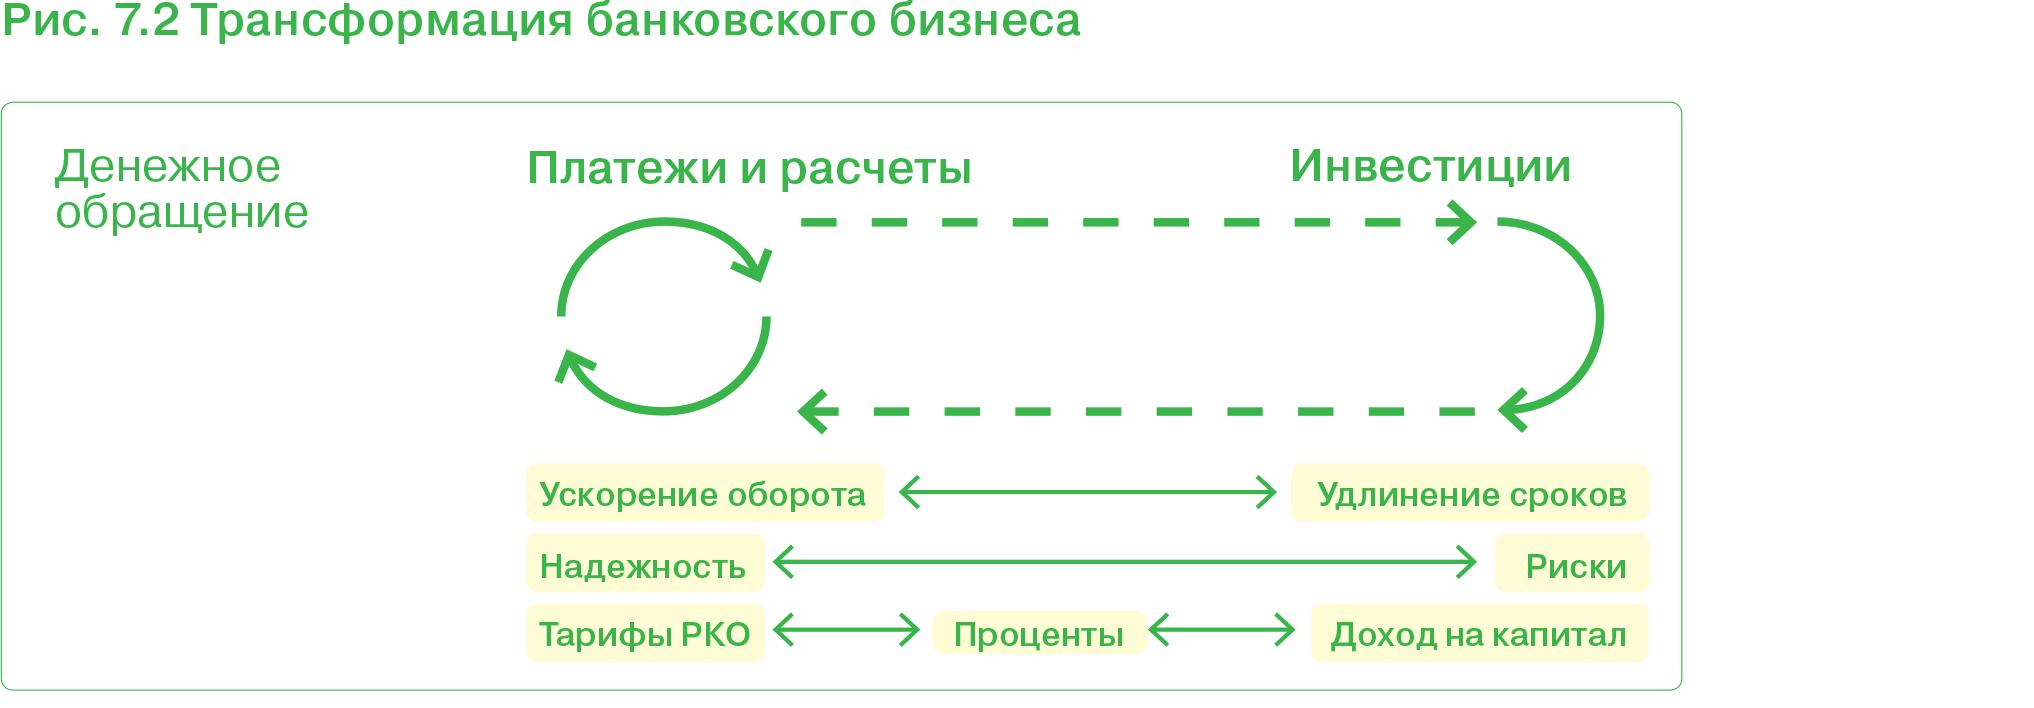 банки ру онлайн ипотека